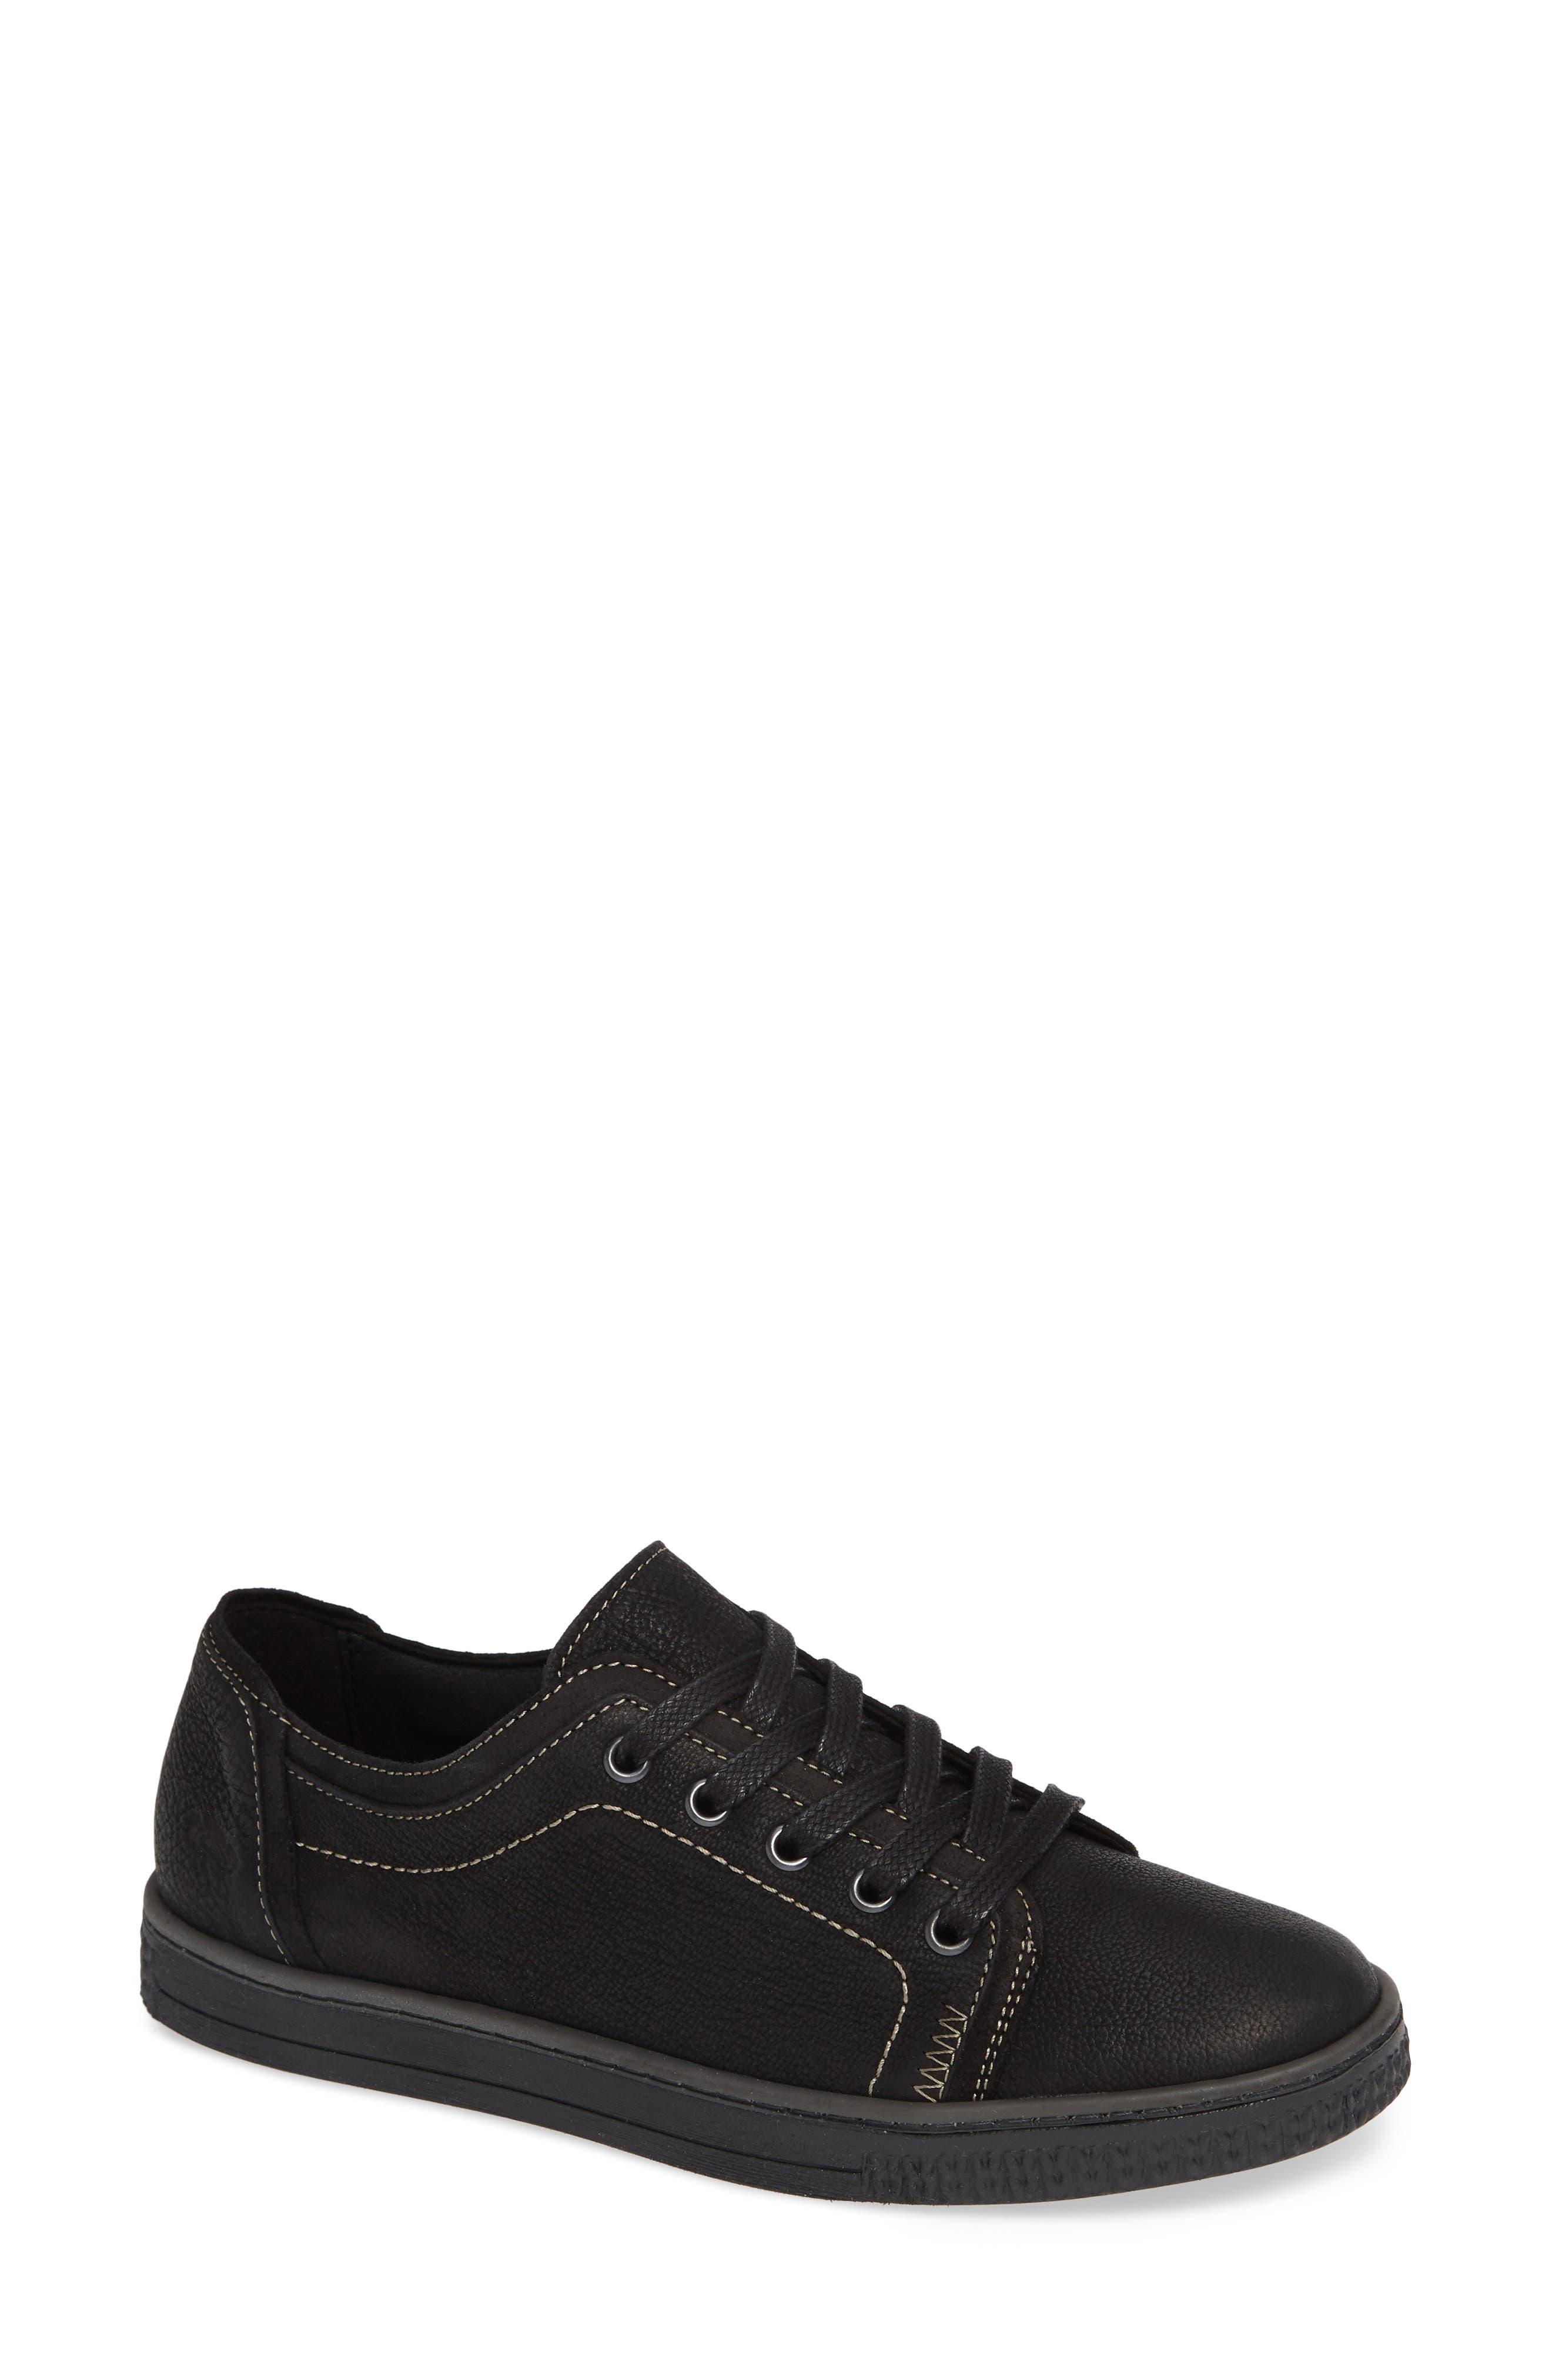 CLOUD, Nagano Low Top Sneaker, Main thumbnail 1, color, 001